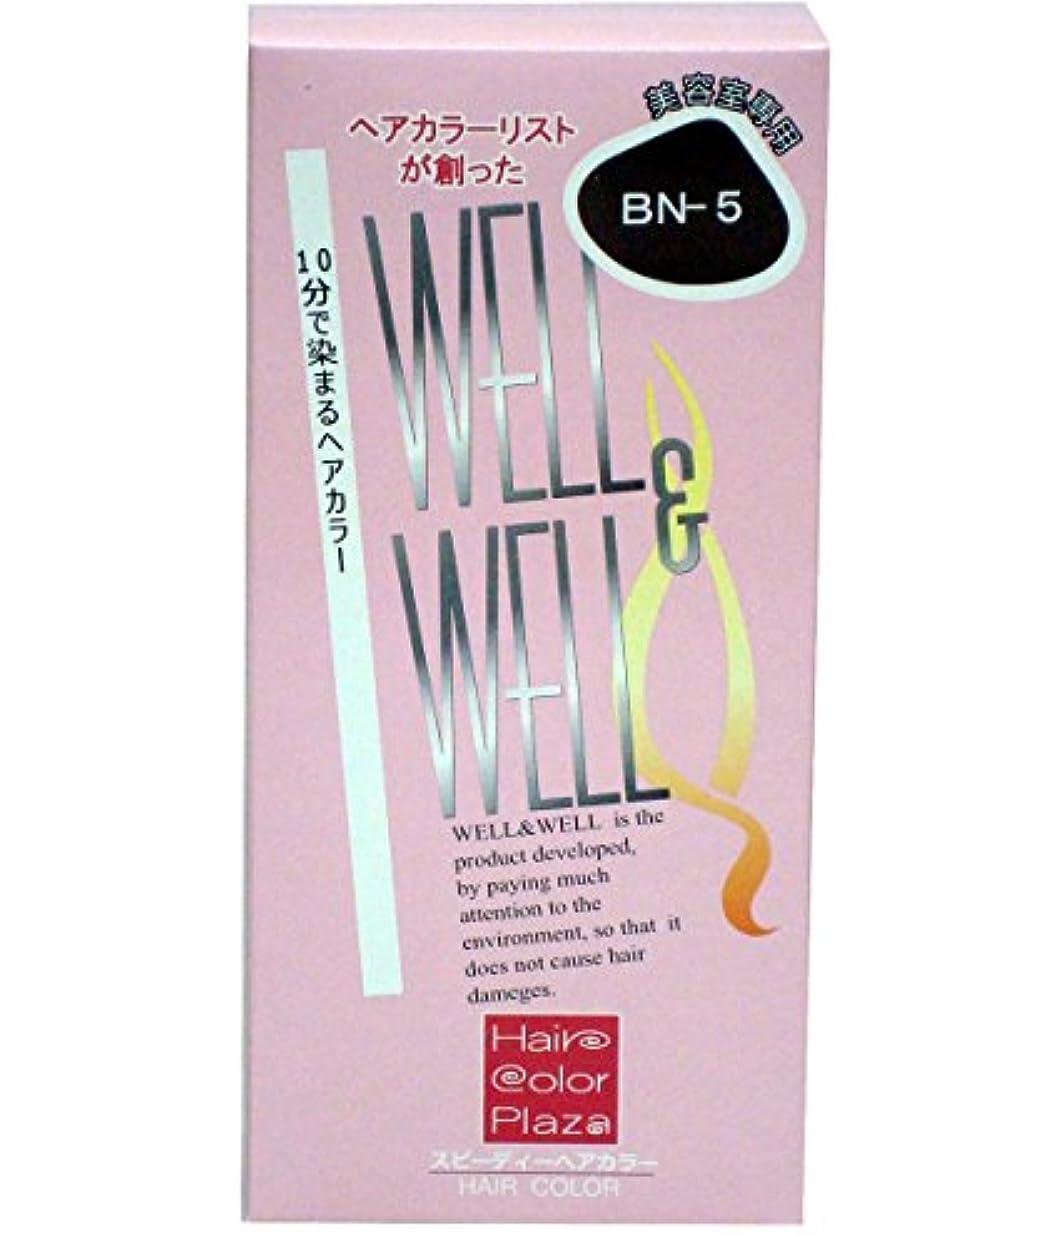 偏差入射強化する【美容室専用】 ウェル&ウェル スピーディヘアカラー ナチュラルブラウン BN-5